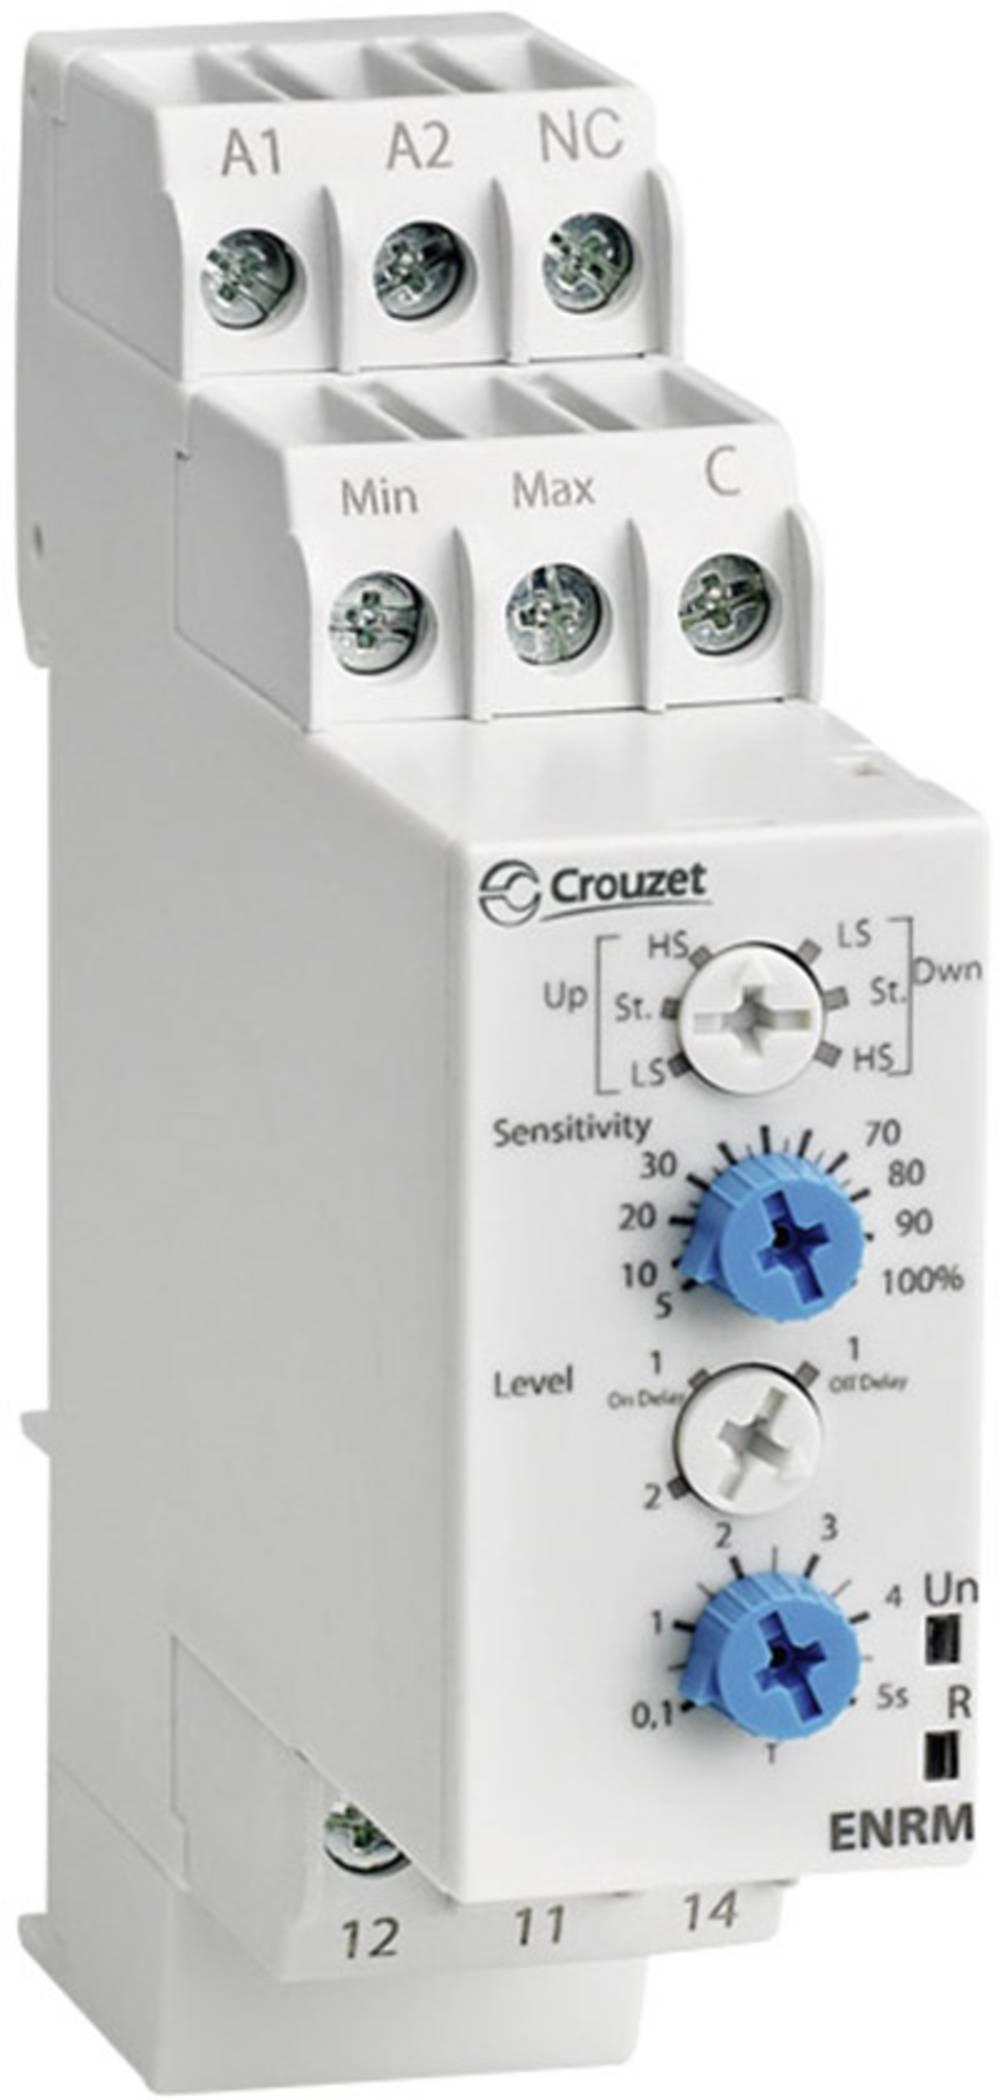 Overvågningsrelæer 24 V/DC, 24 V/AC, 240 V/DC, 240 V/AC 1 x skiftekontakt 1 stk Crouzet ENRM Overvågning niveau